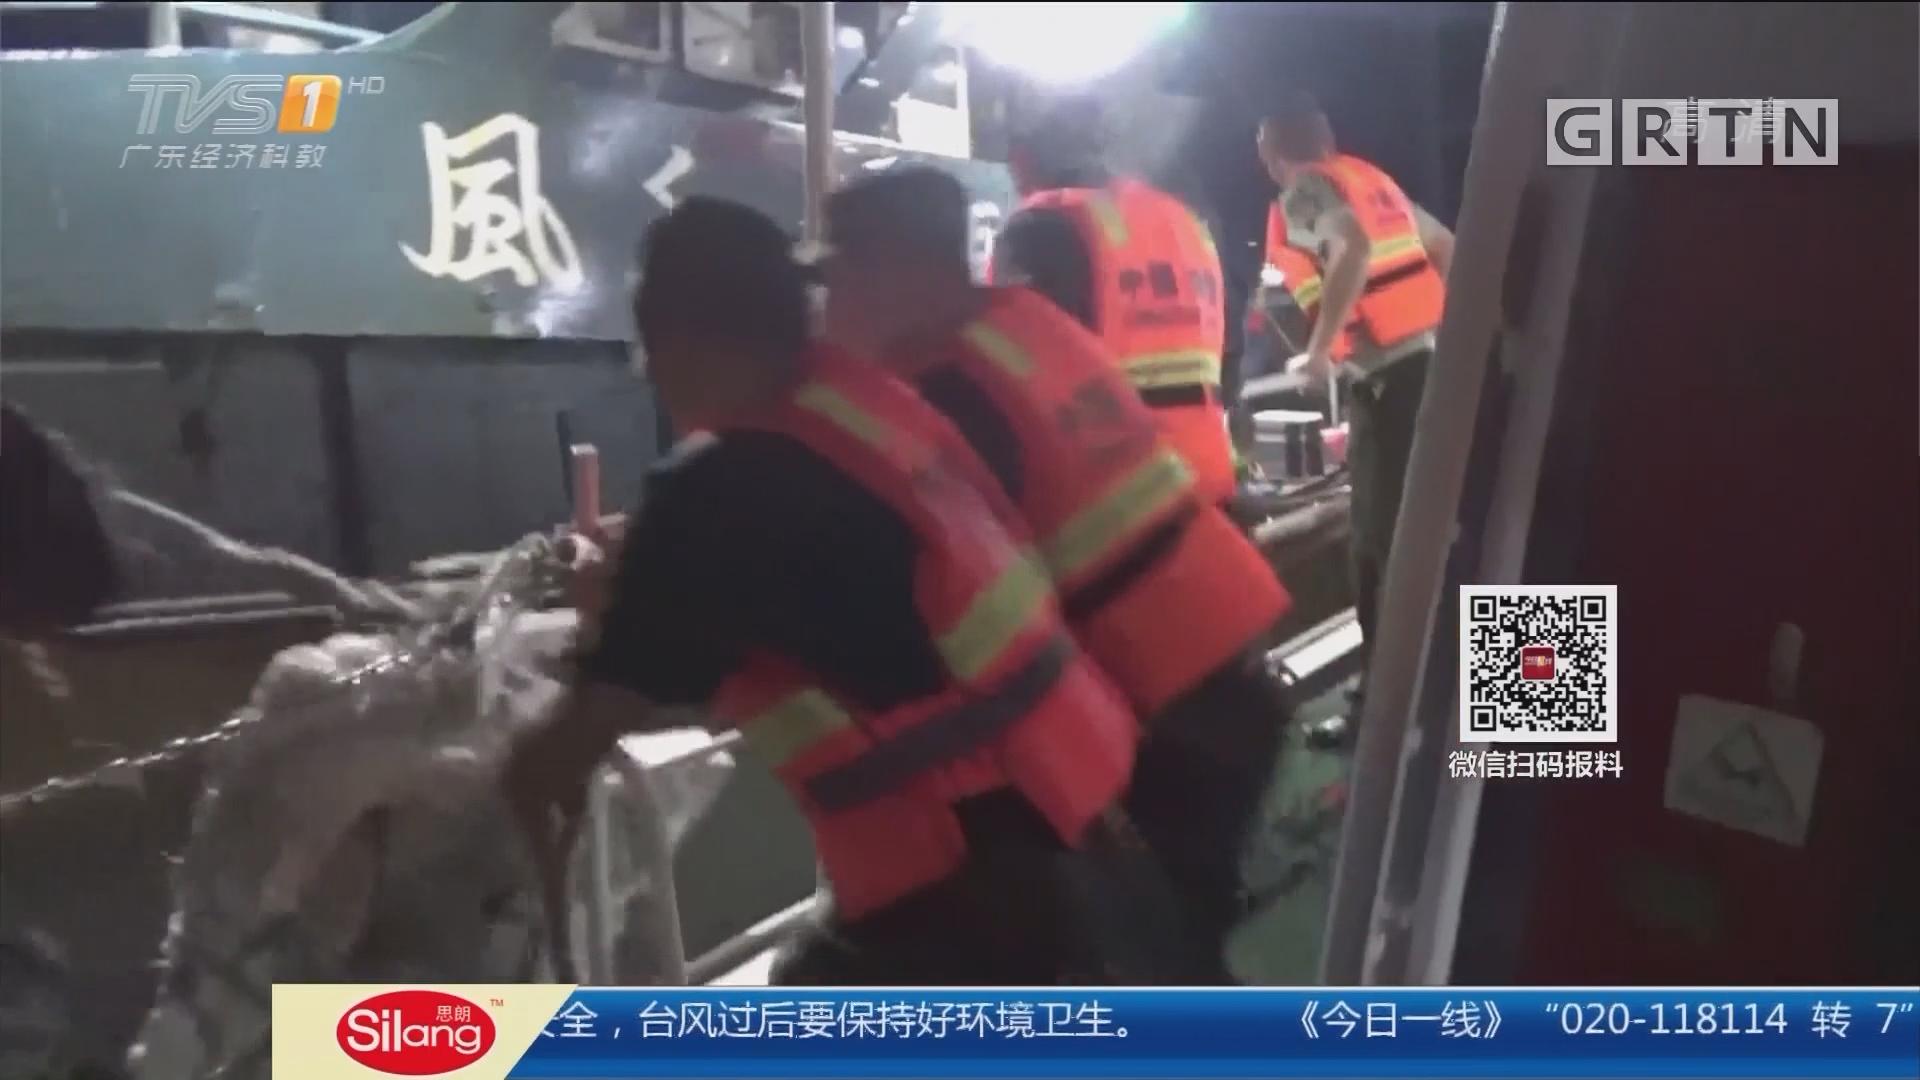 汕头:遇台风渔民被缆绳击昏 安全获救